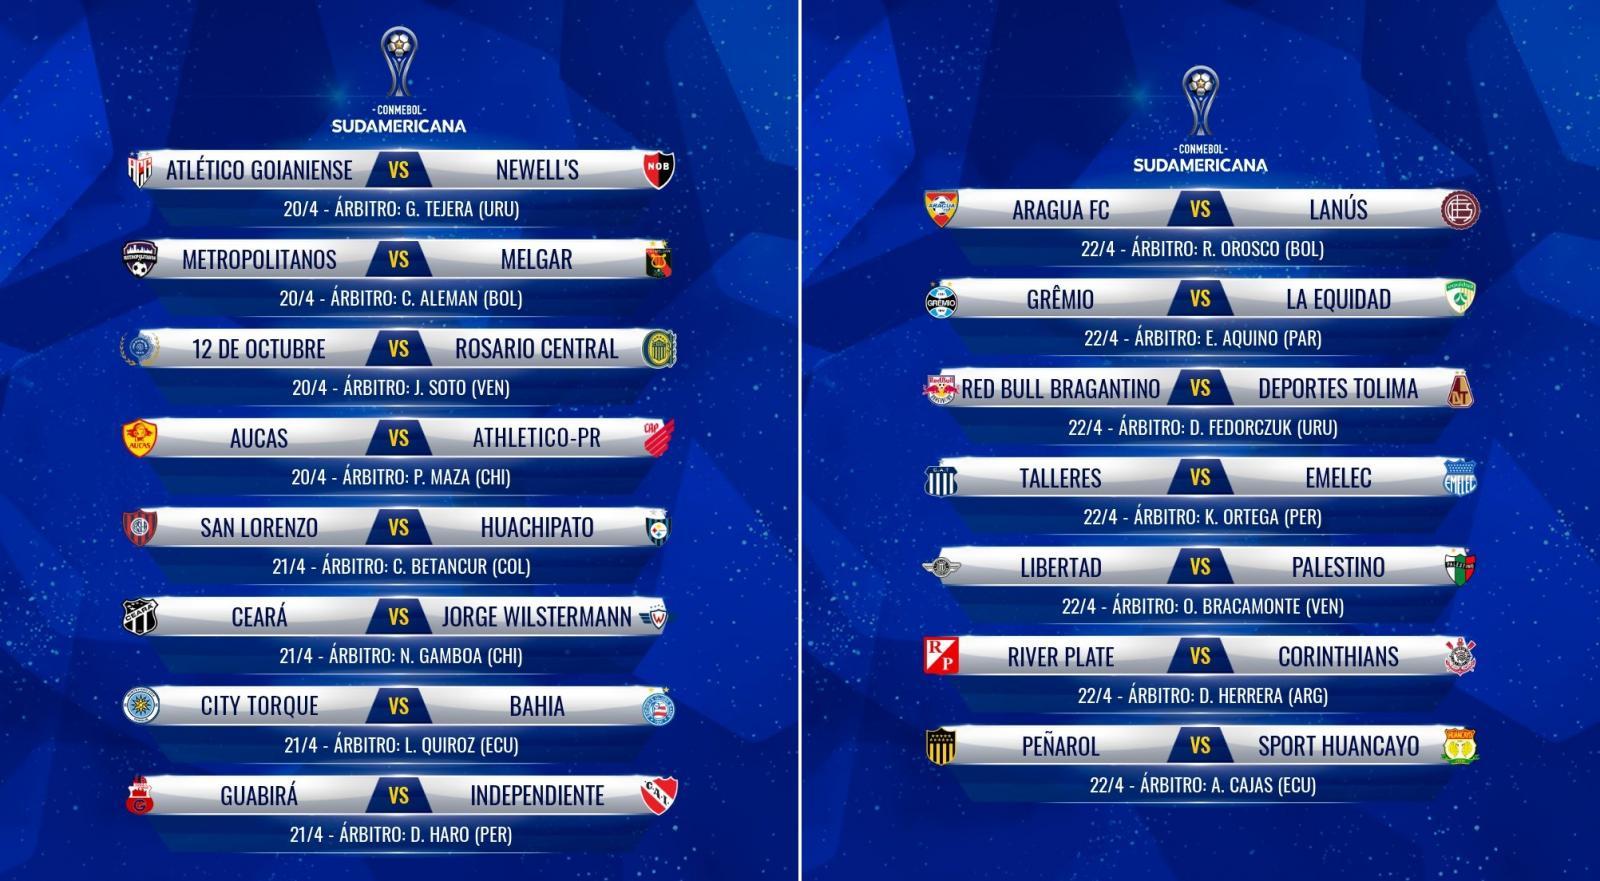 Listado completo de partidos y sus respectivos árbitros de la fecha 1 de la fase de grupos de la Conmebol Sudamericana.